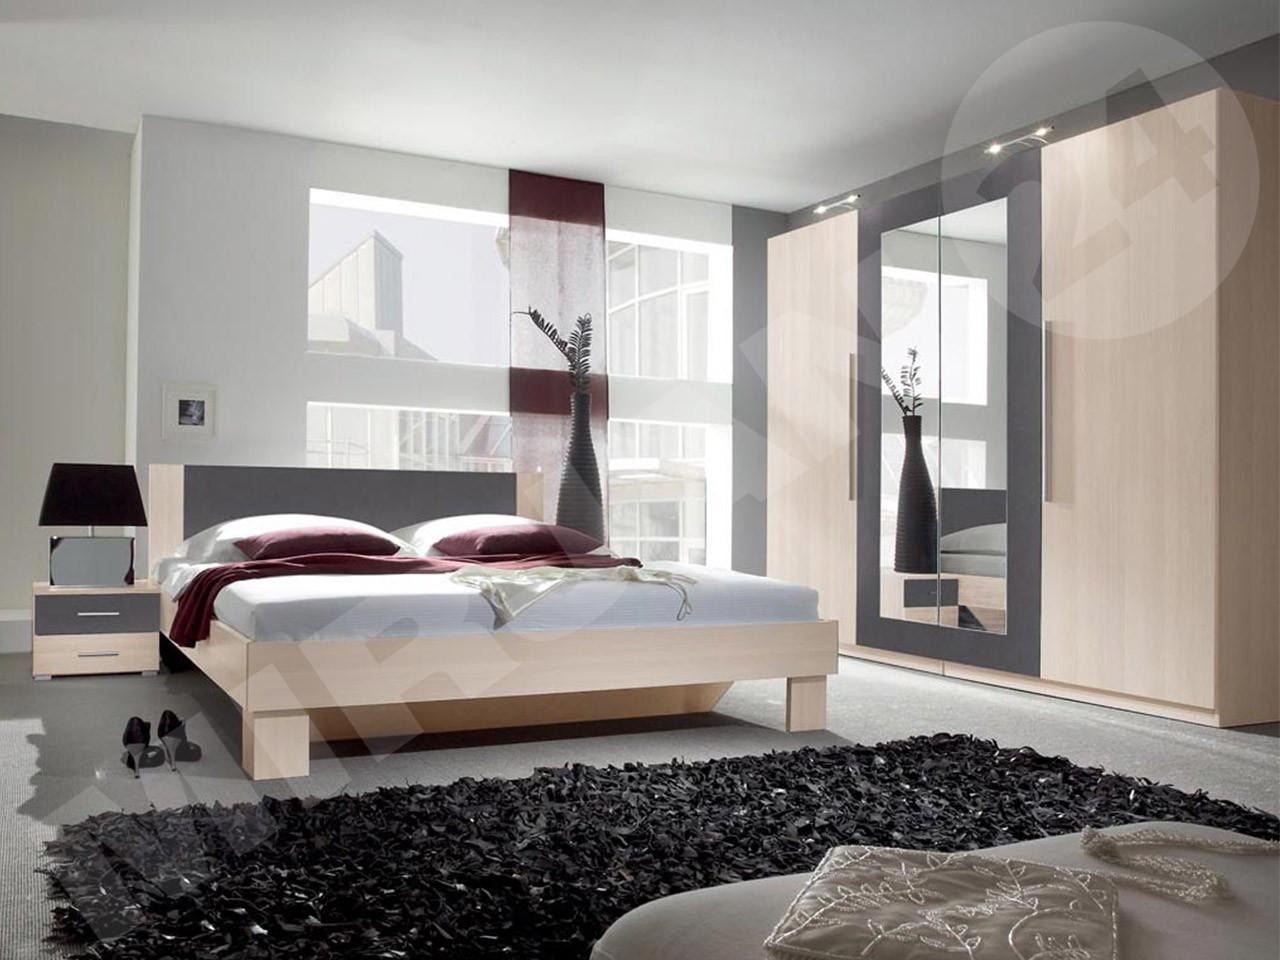 schlafzimmer set vera ii - Schlafzimmer Set